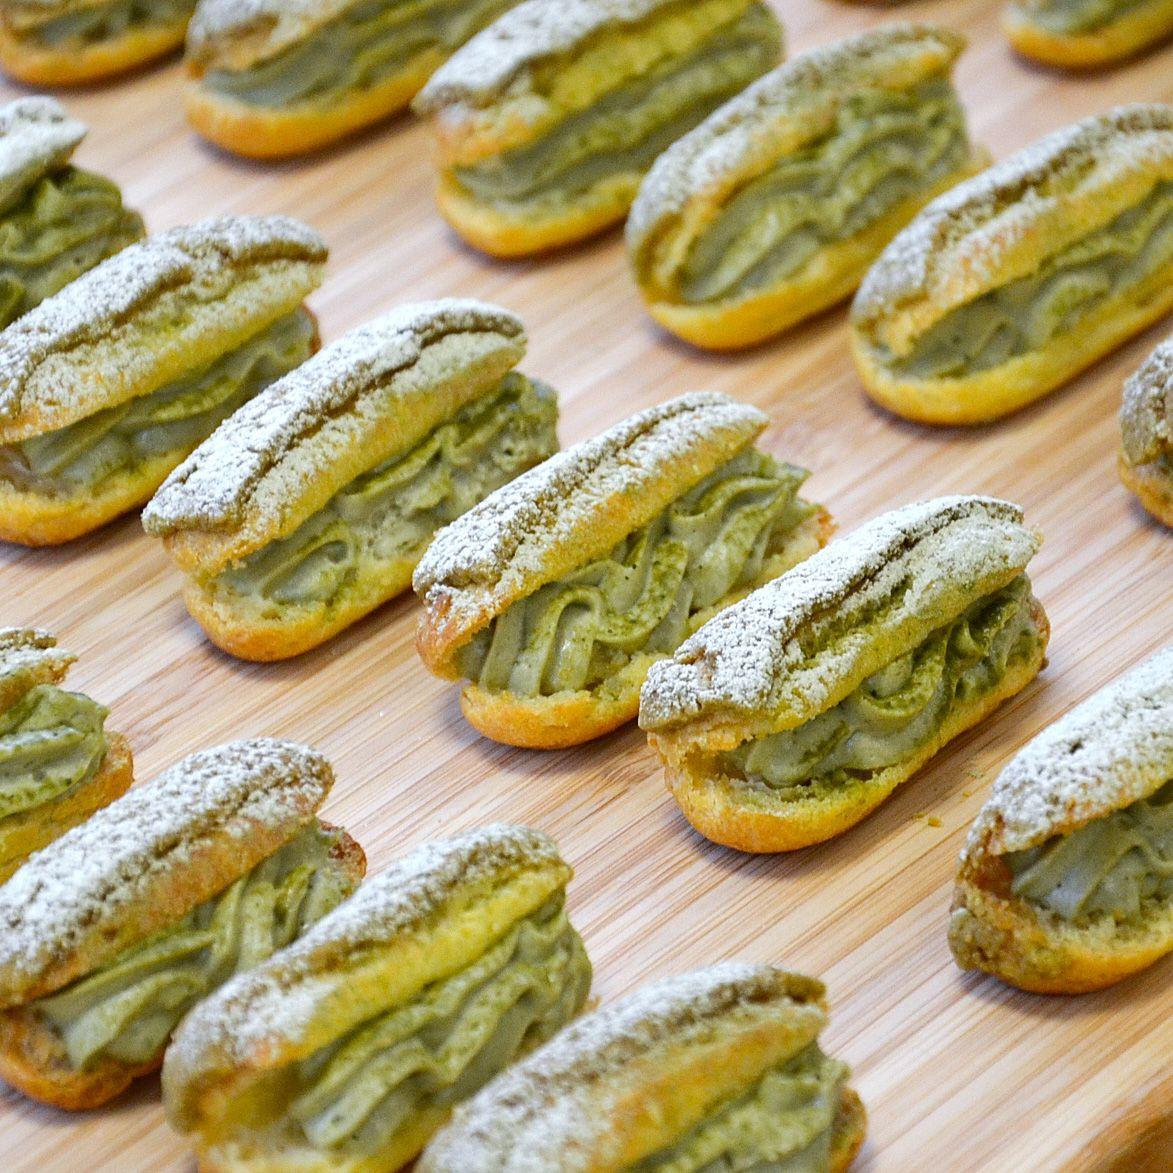 Kubo-pâtisserie, collection saisonnière : les éphémères